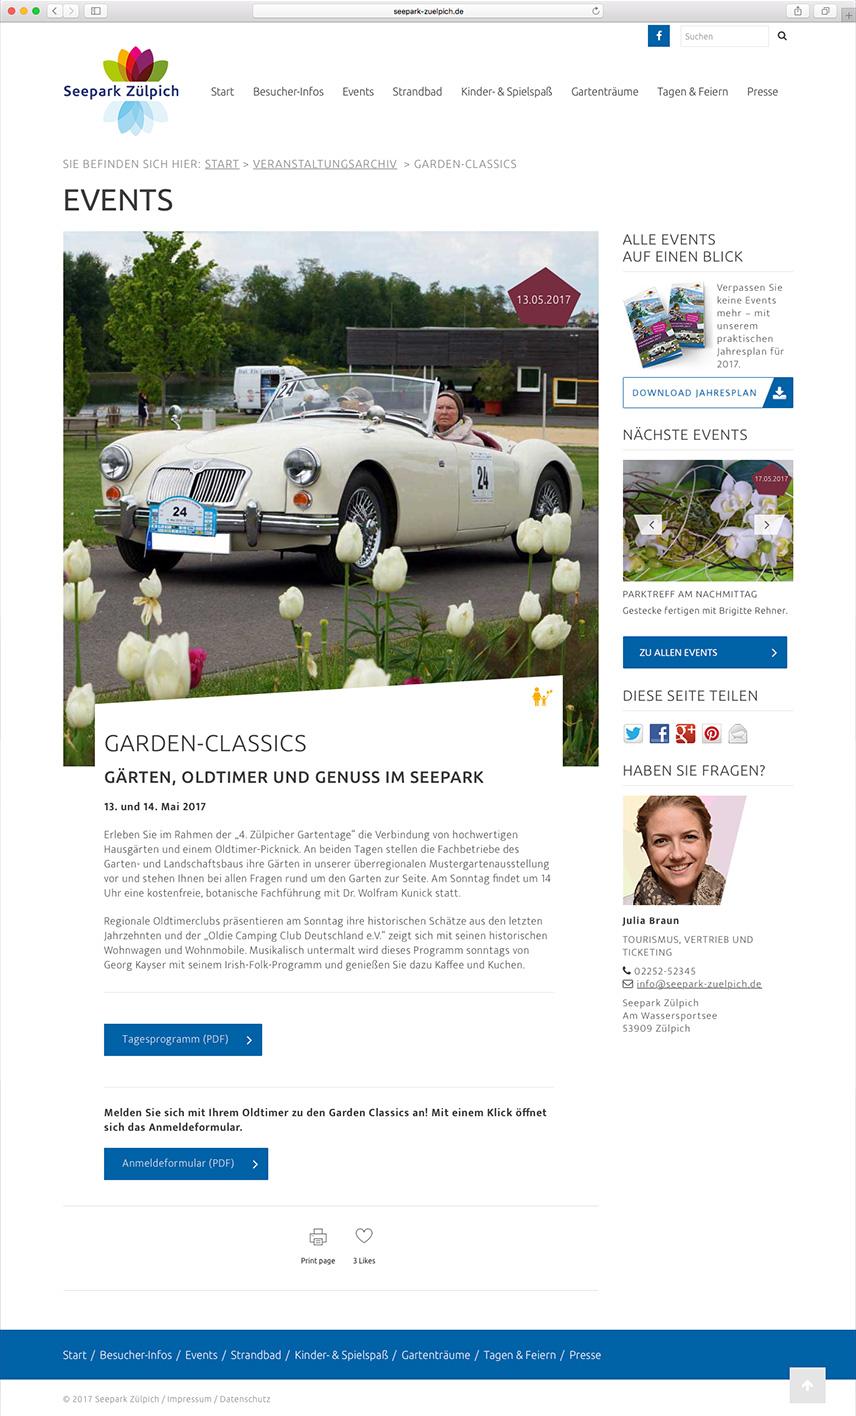 Ansicht einer Veranstaltung der Website für den Seepark Zülpich